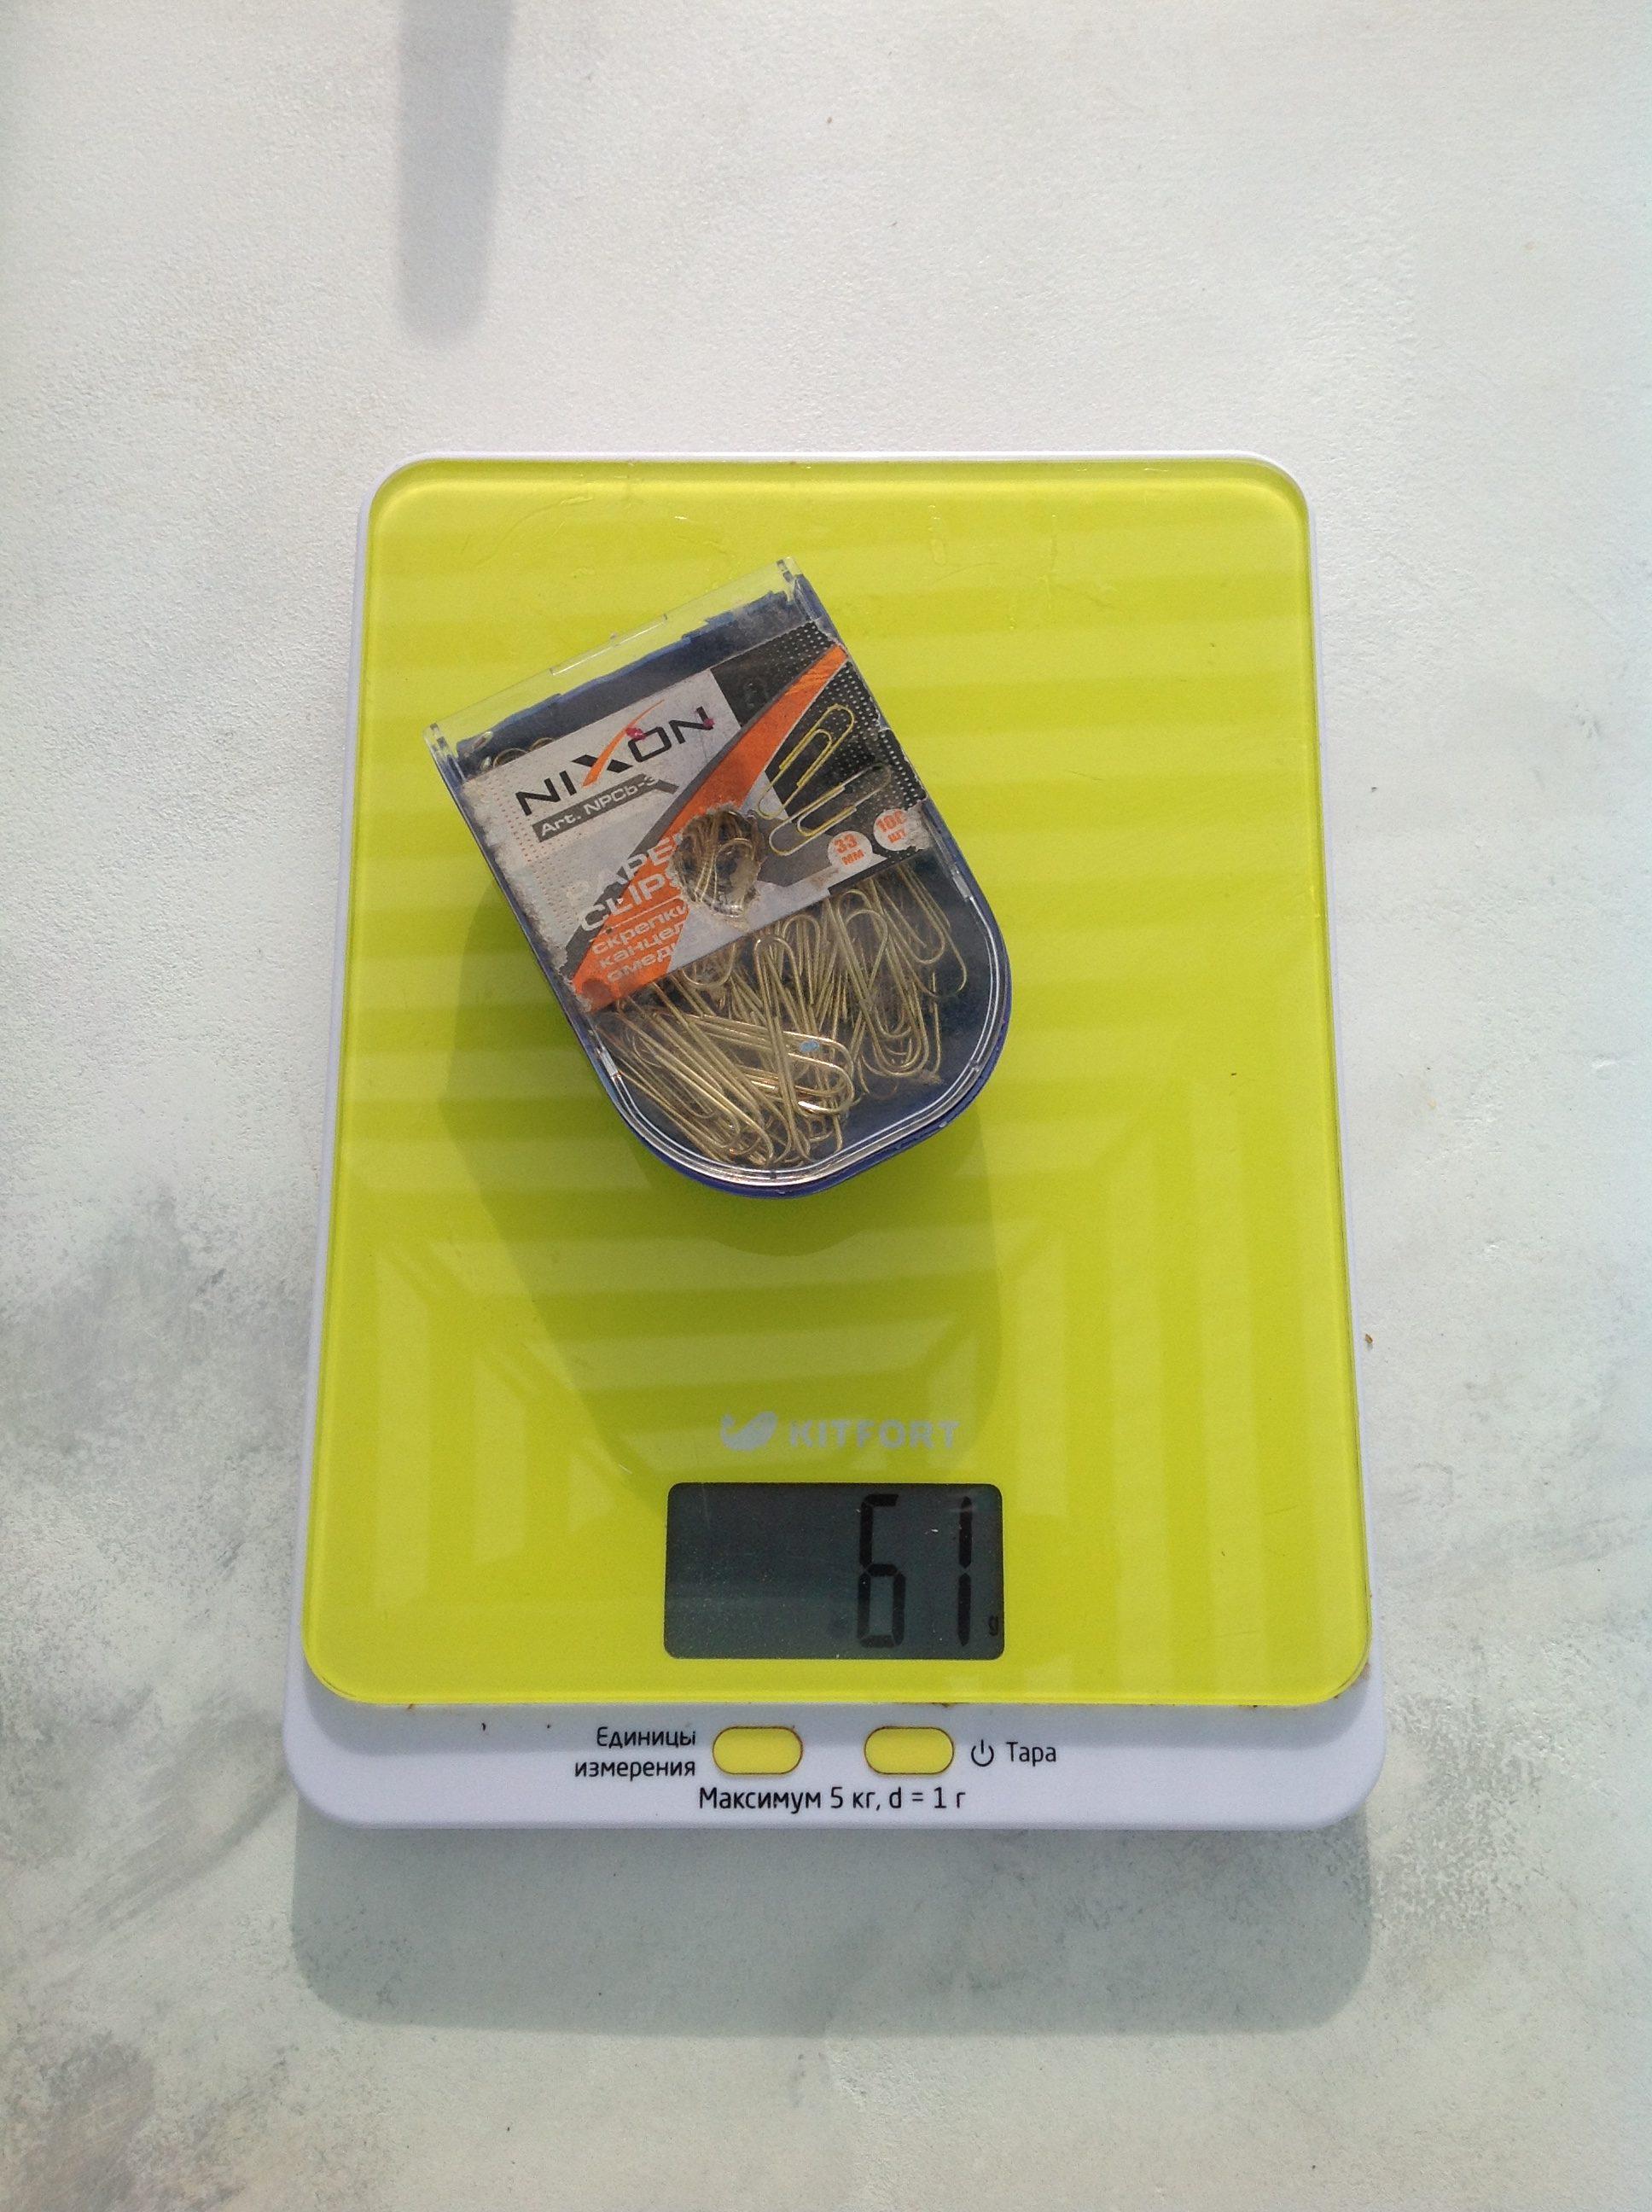 вес набора канцелярских скрепок